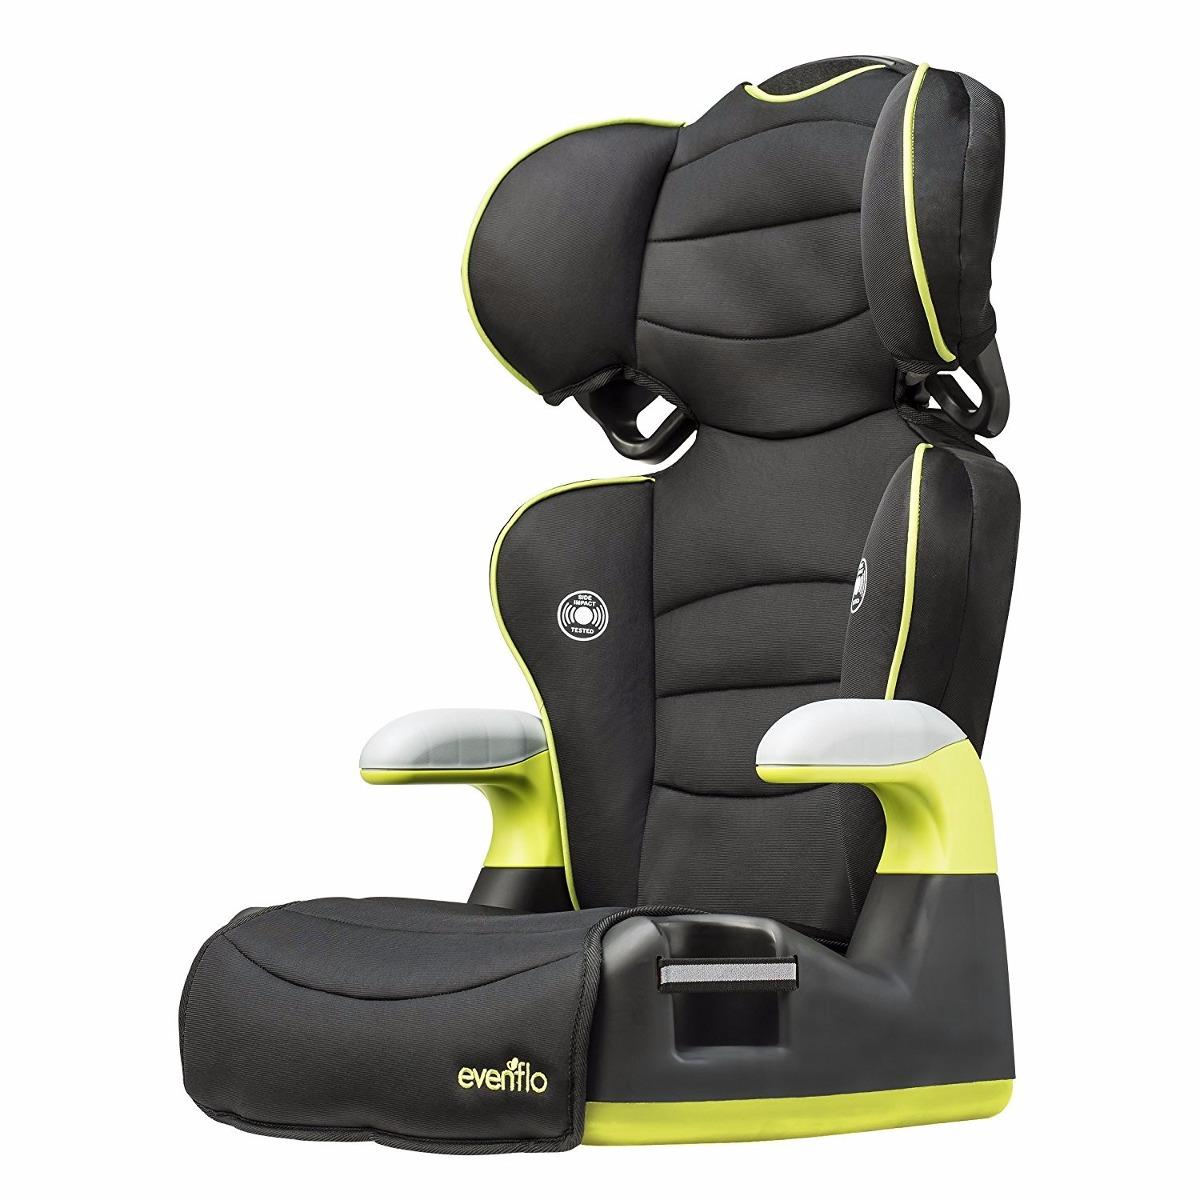 Evenflo silla y asiento elevador para carro amarilla - Altura para ir sin silla en el coche ...